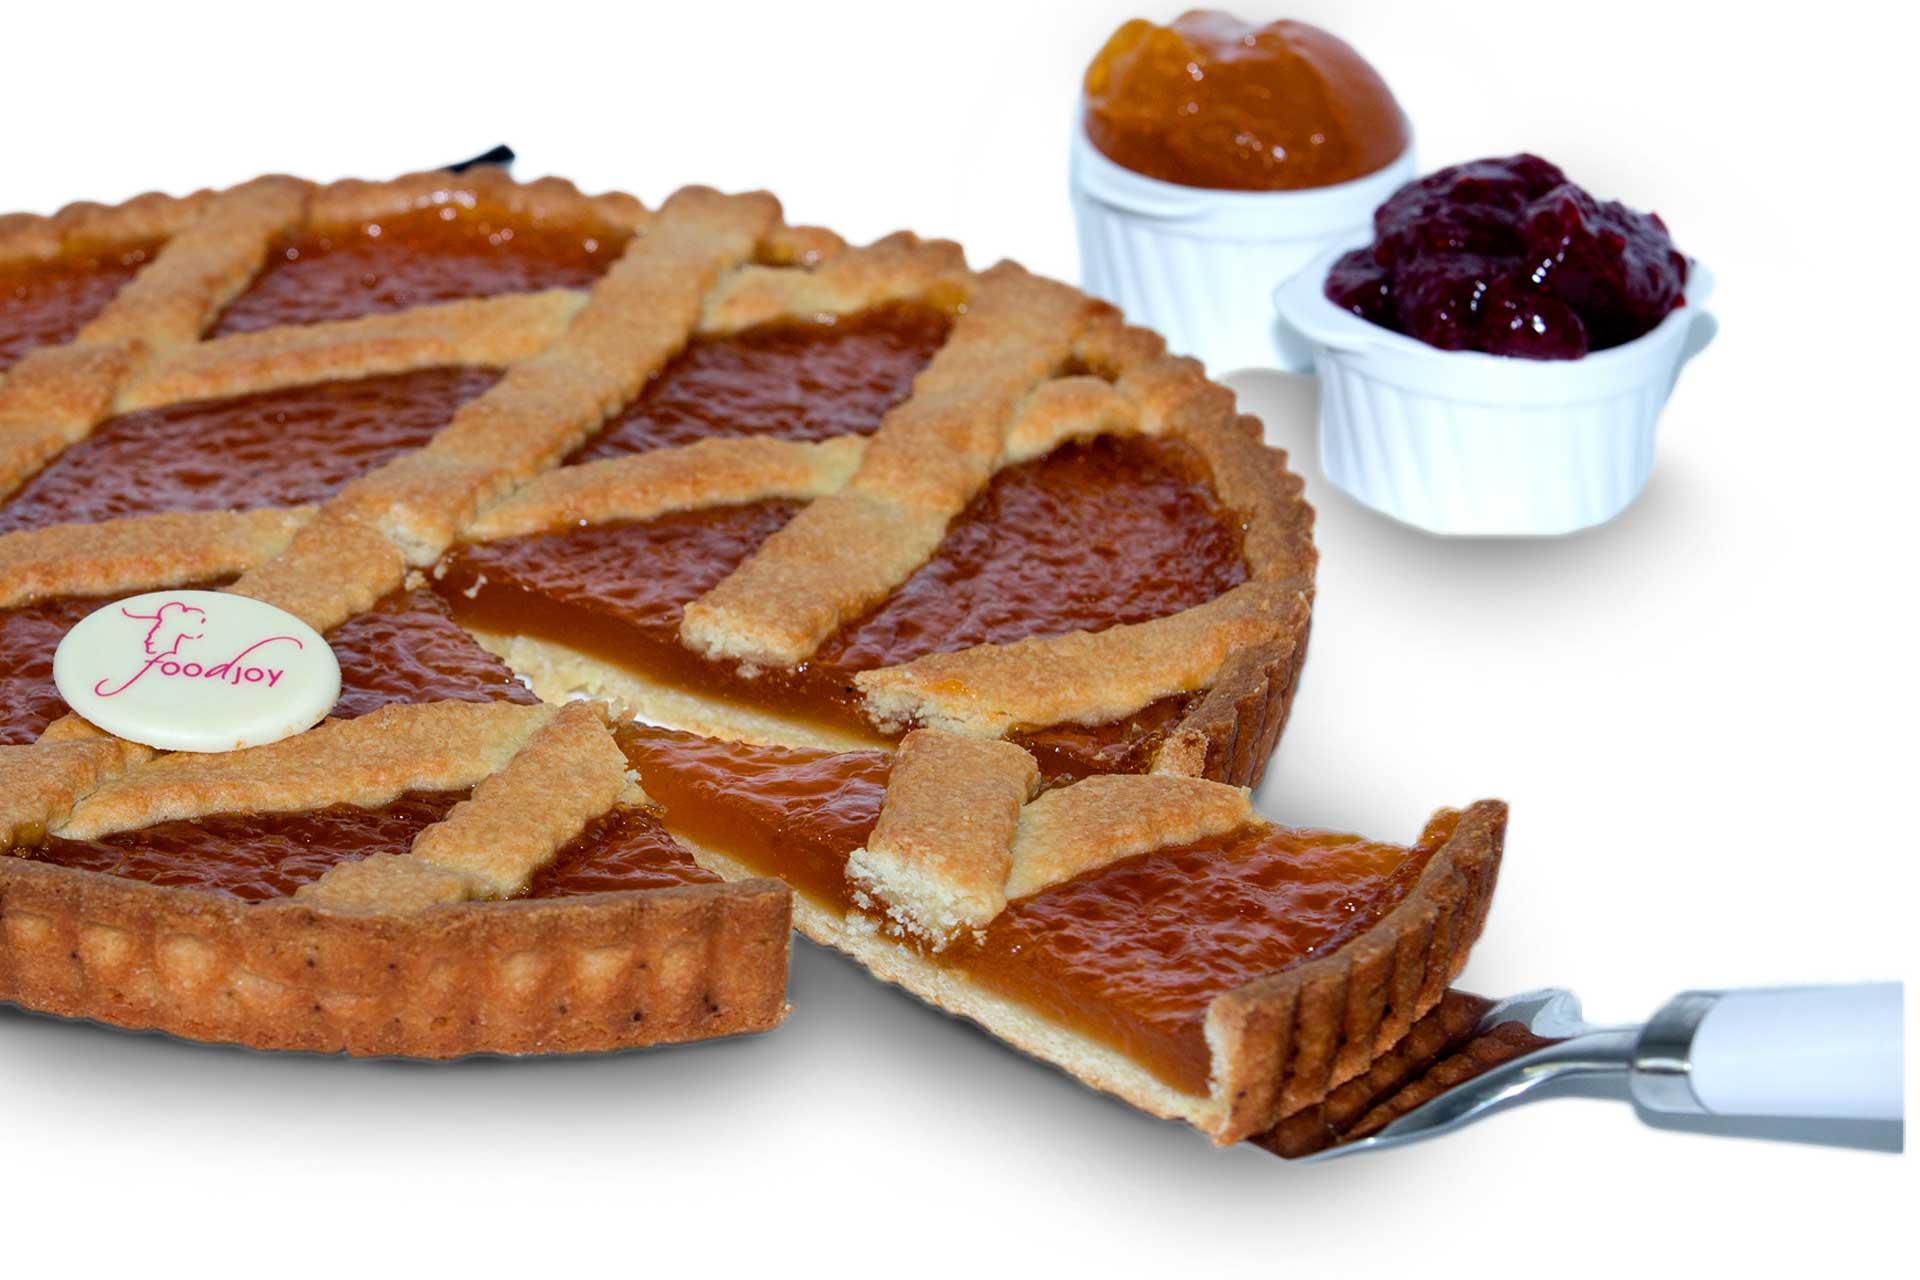 foodjoy-sweet-bakery-laboratorio-pasticceria-cantu-brioches-pasticcini-torte-caffe-crostata-albicocca